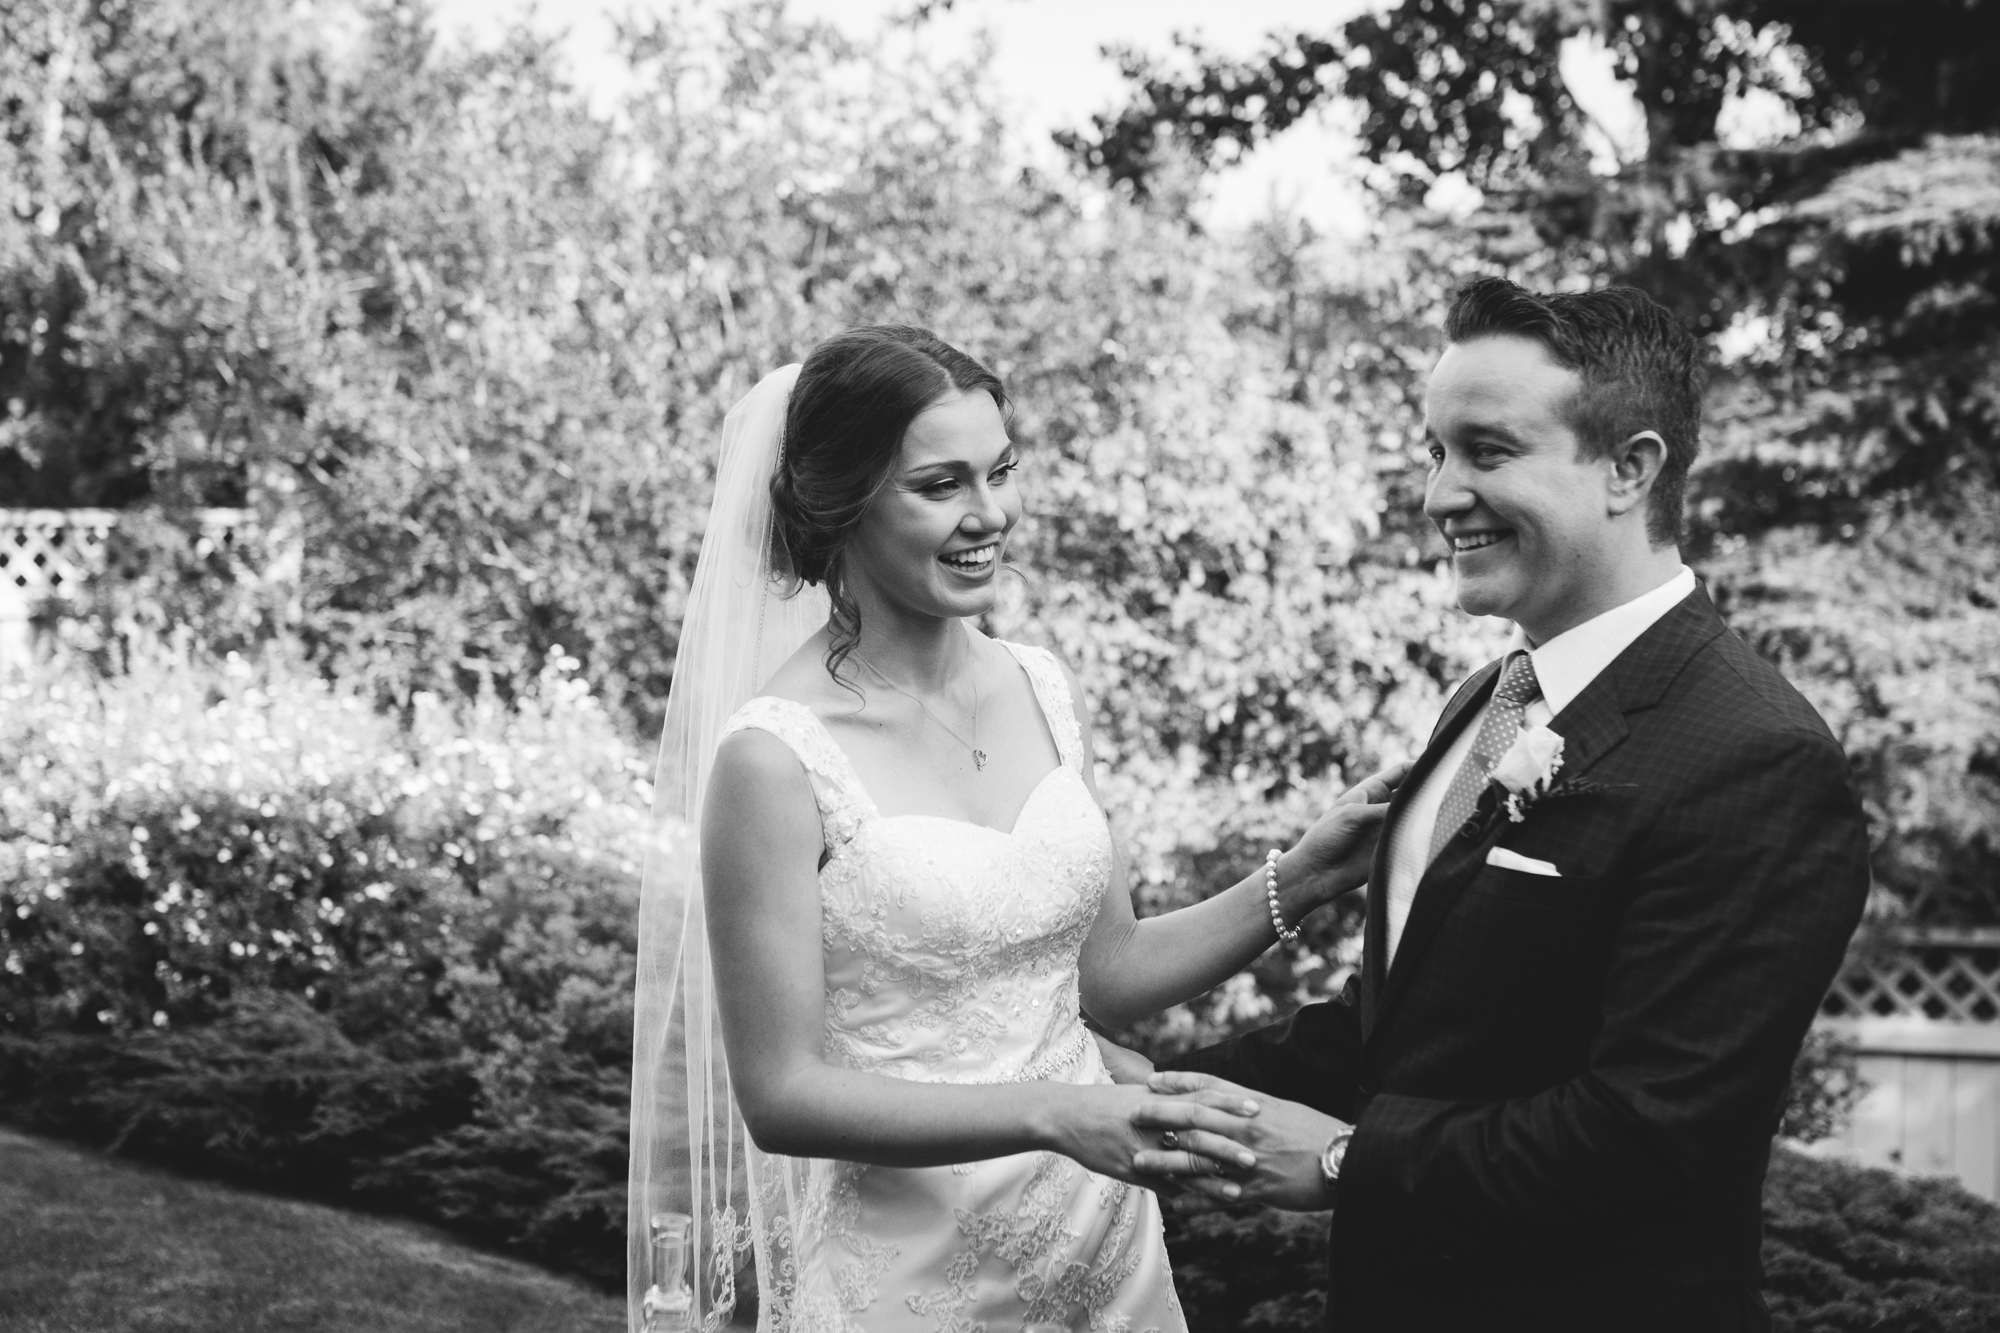 Deanna-Rachel-Photography-calgary-Wedding-photographer-jm-72.jpg